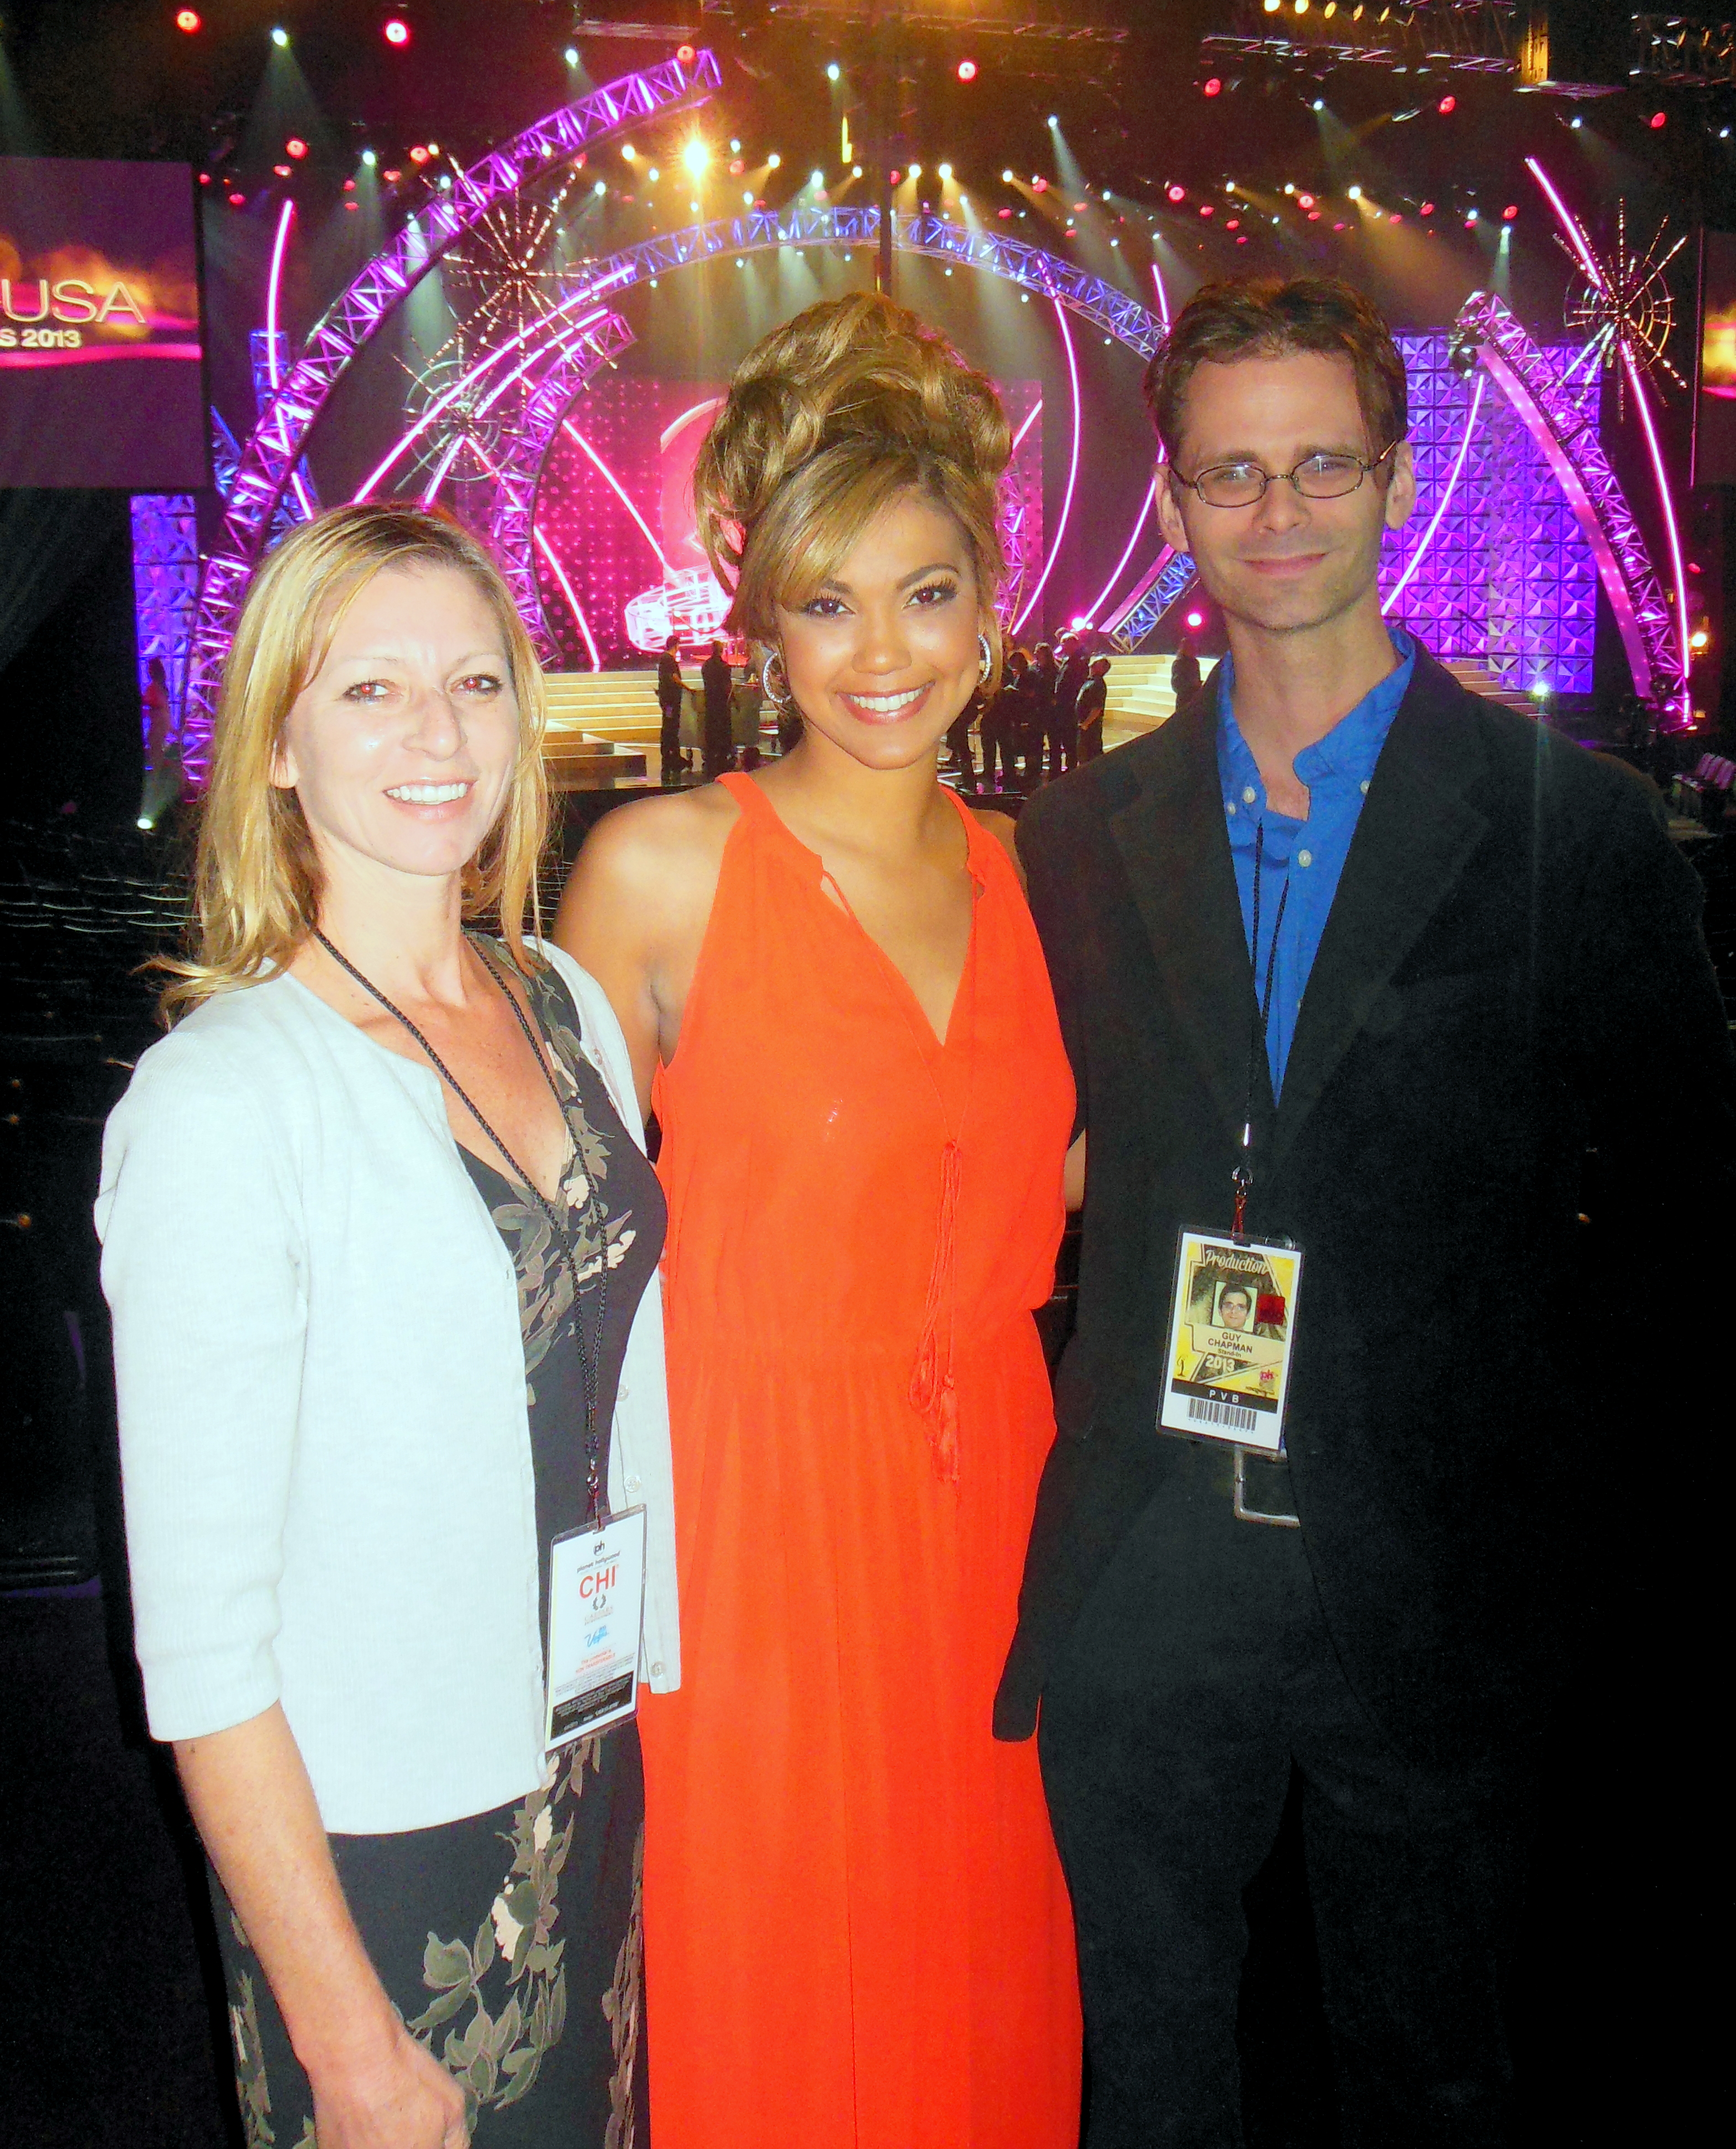 Karen, Logan, and I.